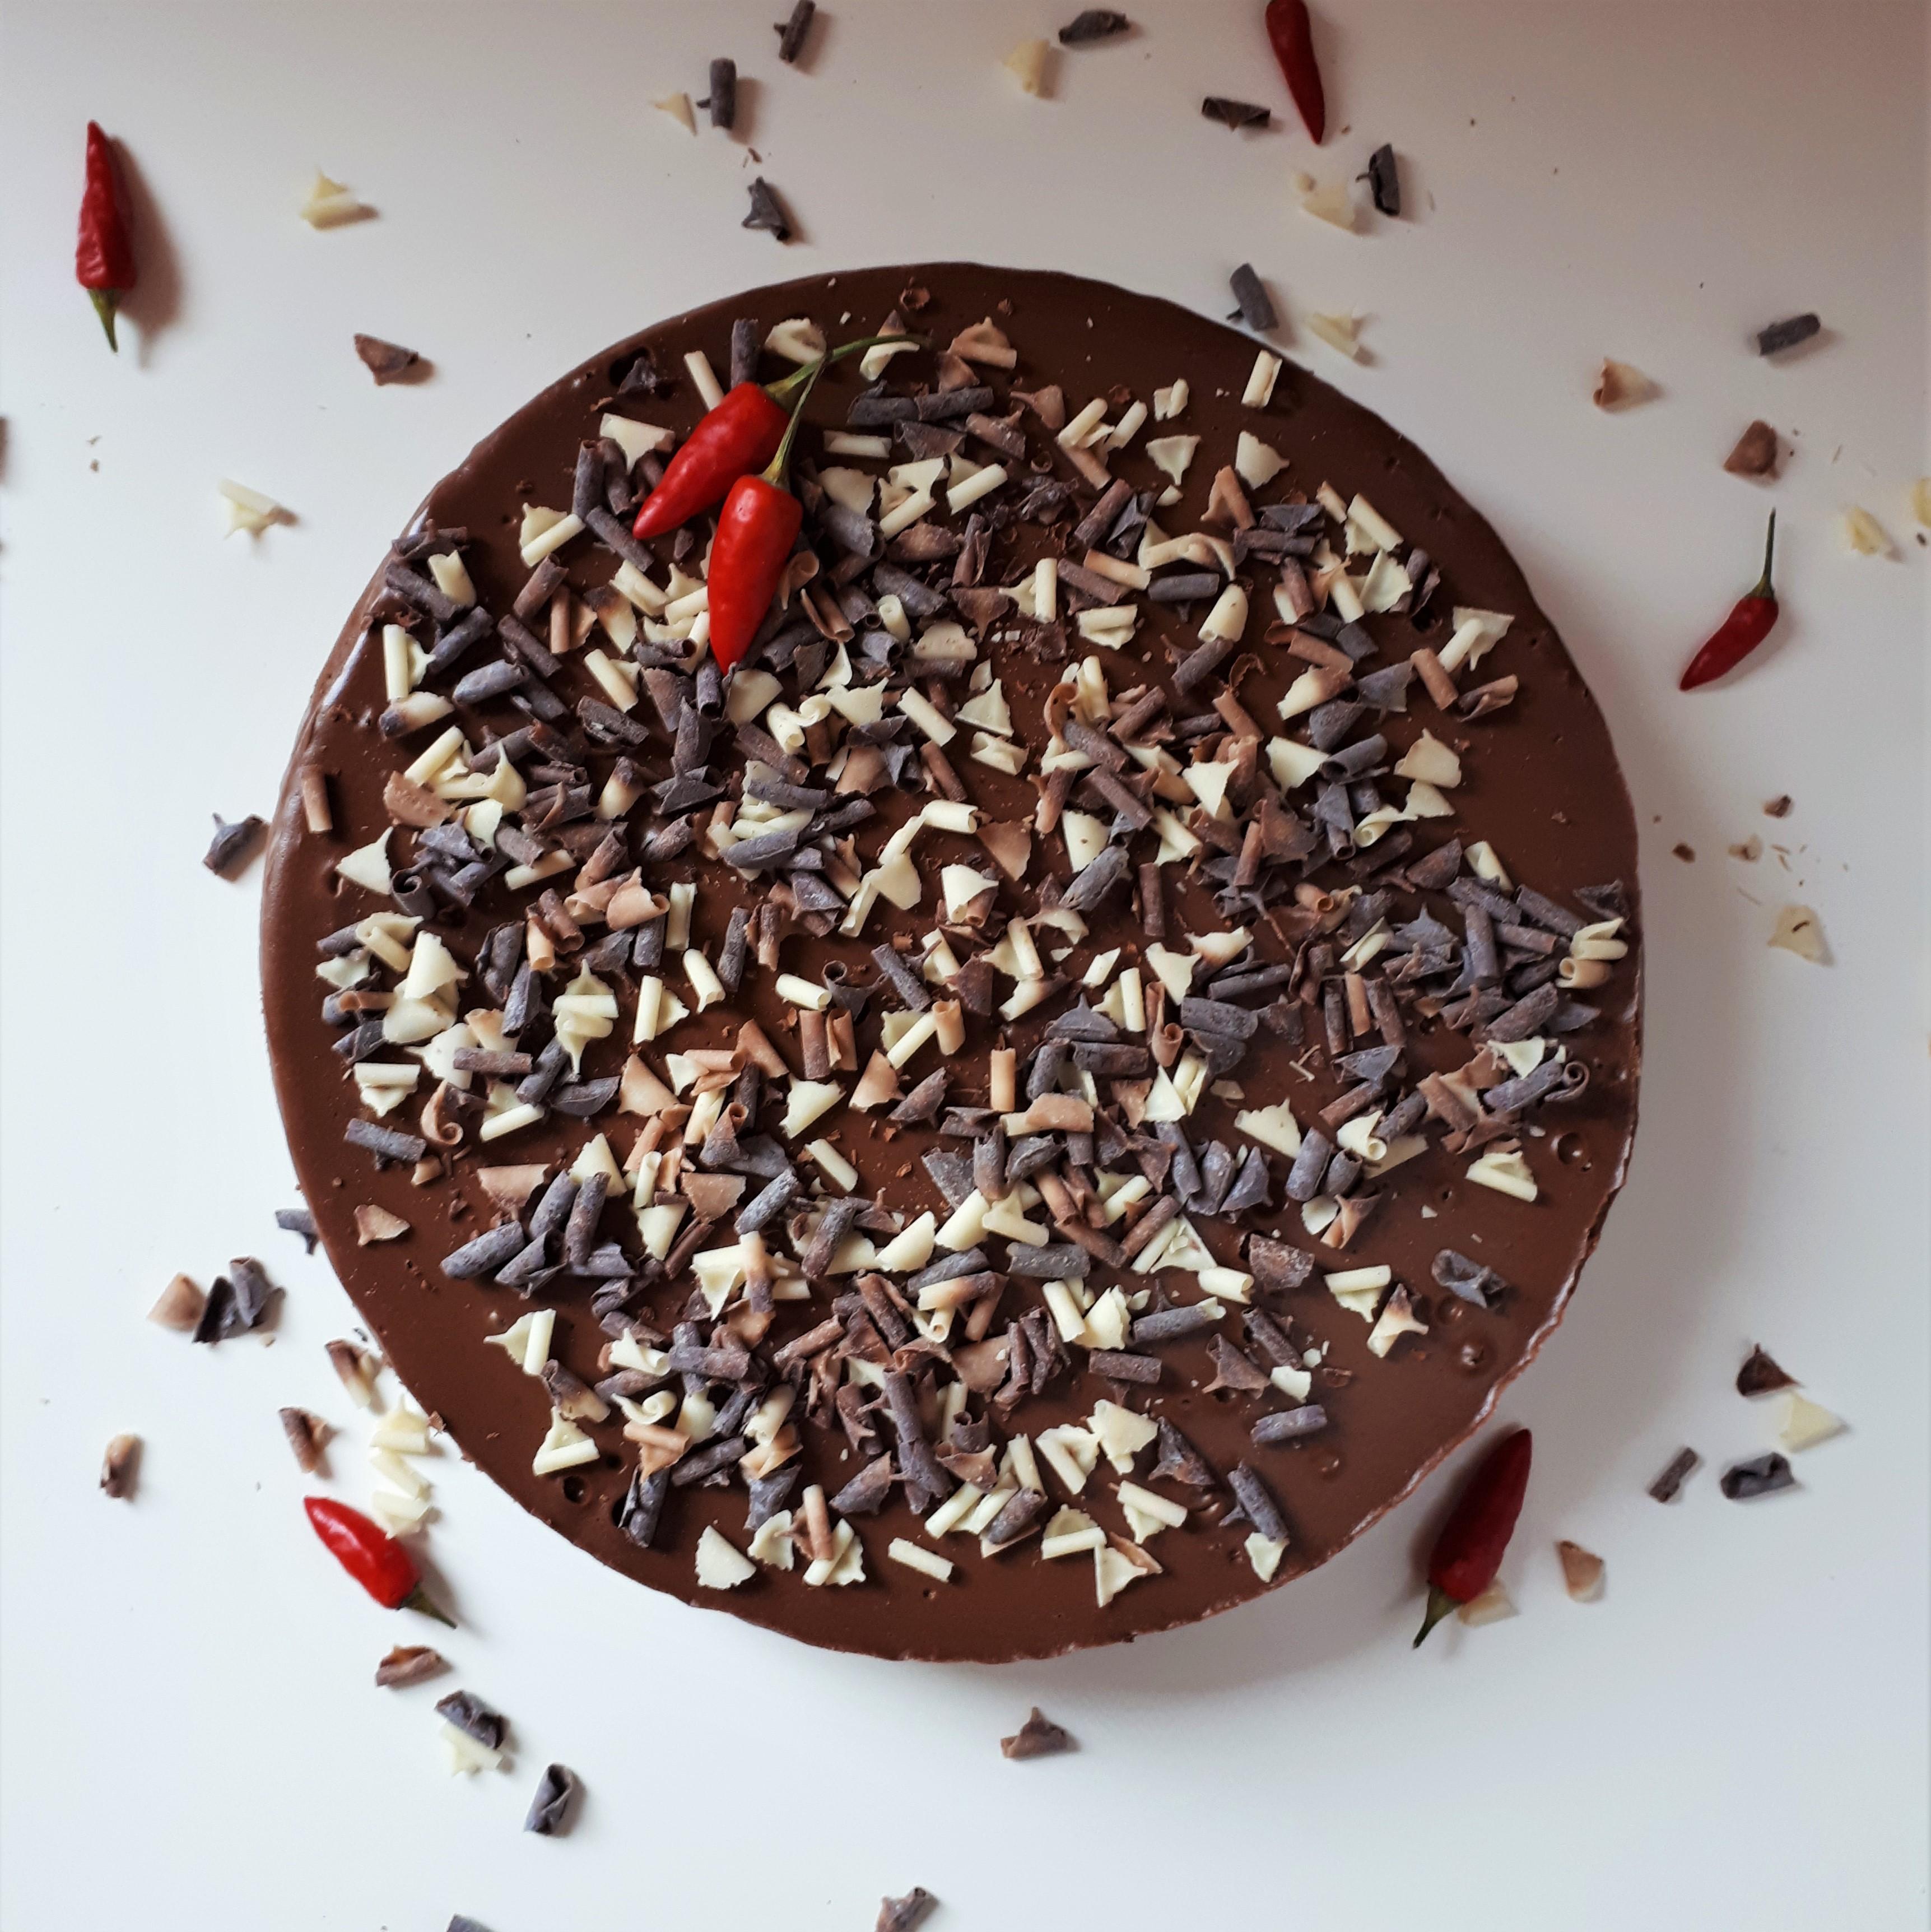 Čokoládový cheesecake s chilli posypaný čokoládovými hoblinkami z tmavej, mliečnej a bielej čokolády a dvoma chilli papričkami na bielom povrchu obsypaný čokoládovými hoblinkami a chilli